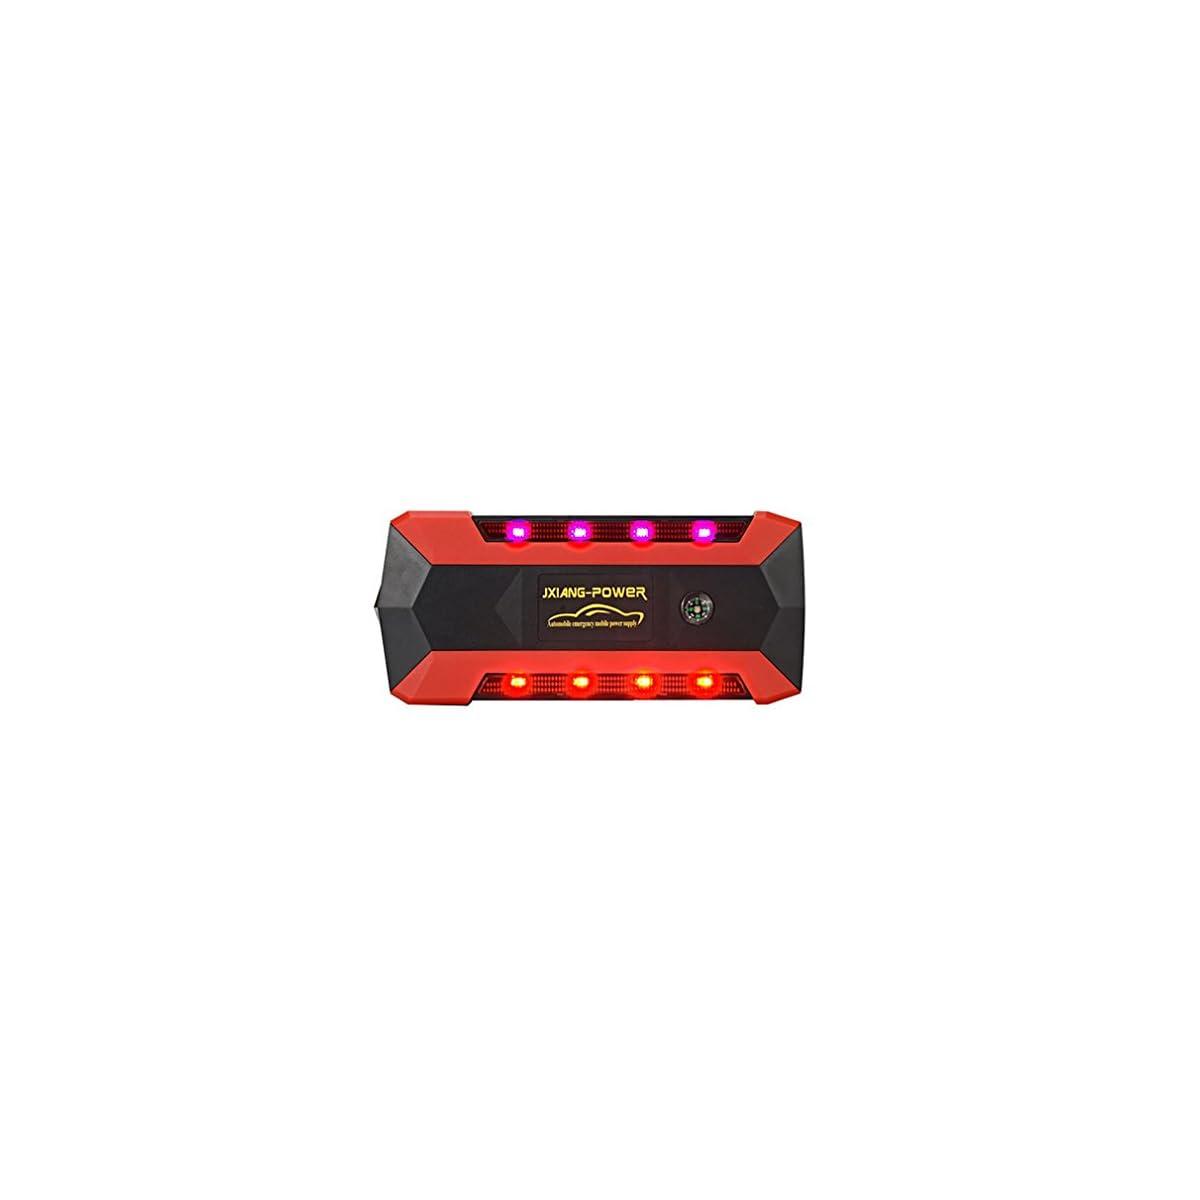 418z3G7vw4L. SS1200  - WJJ- Car Jump Starter 600A Aumento máximo de 13600mAh Fuente de alimentación de emergencia Fuente de emergencia de arranque automático y luz de flash LED ultra brillante para SOS